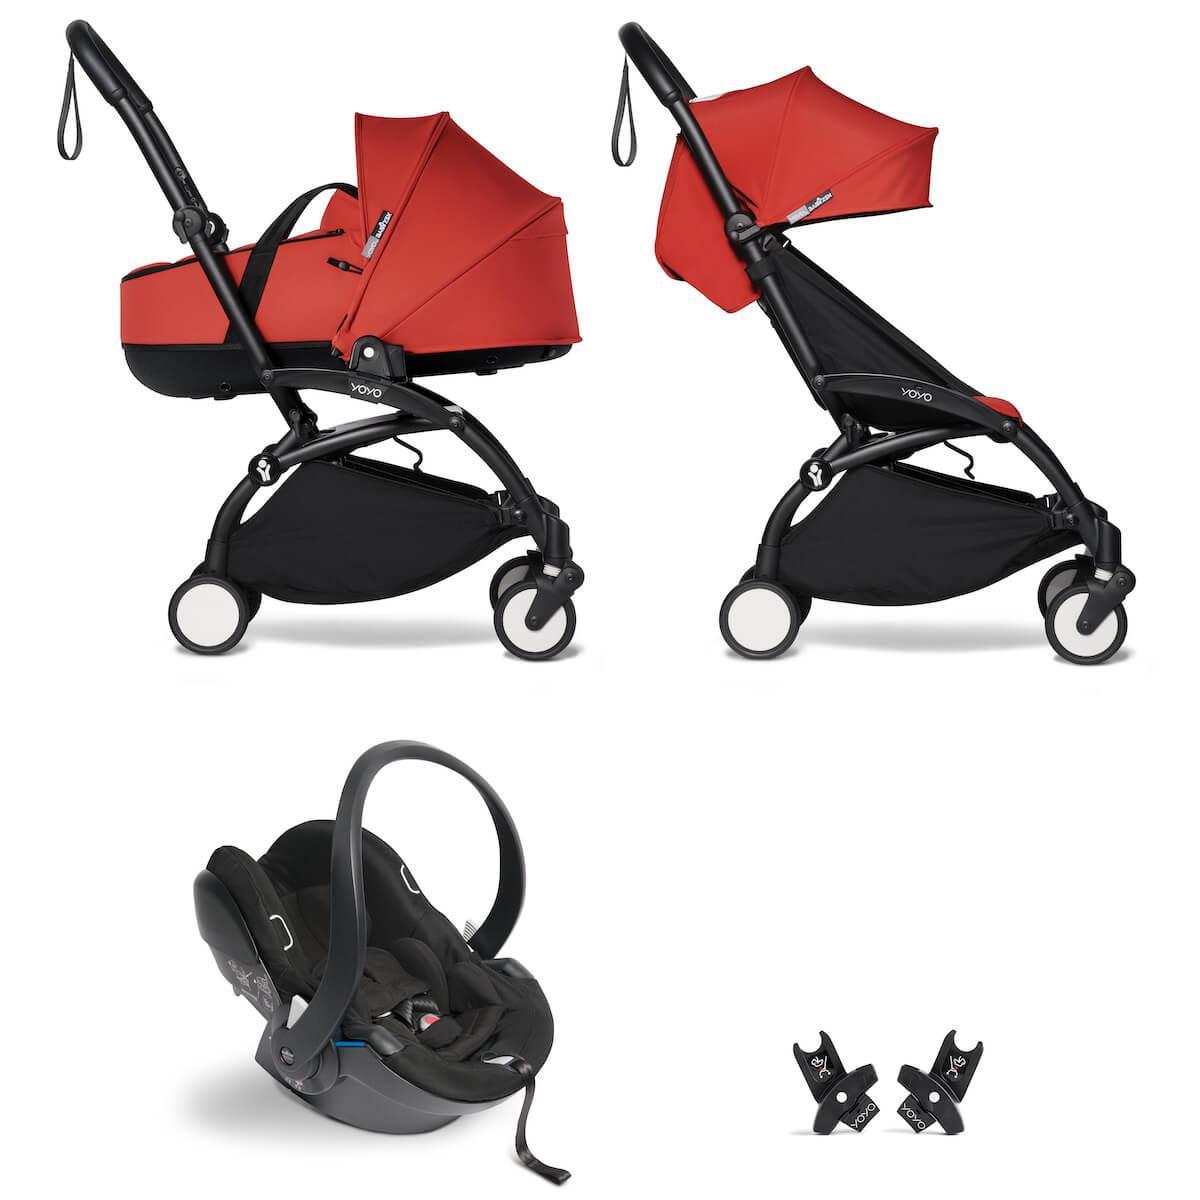 Kinderwagen BABYZEN YOYO²  all-in-one Wanne/Autositz/6+ schwartz-rot